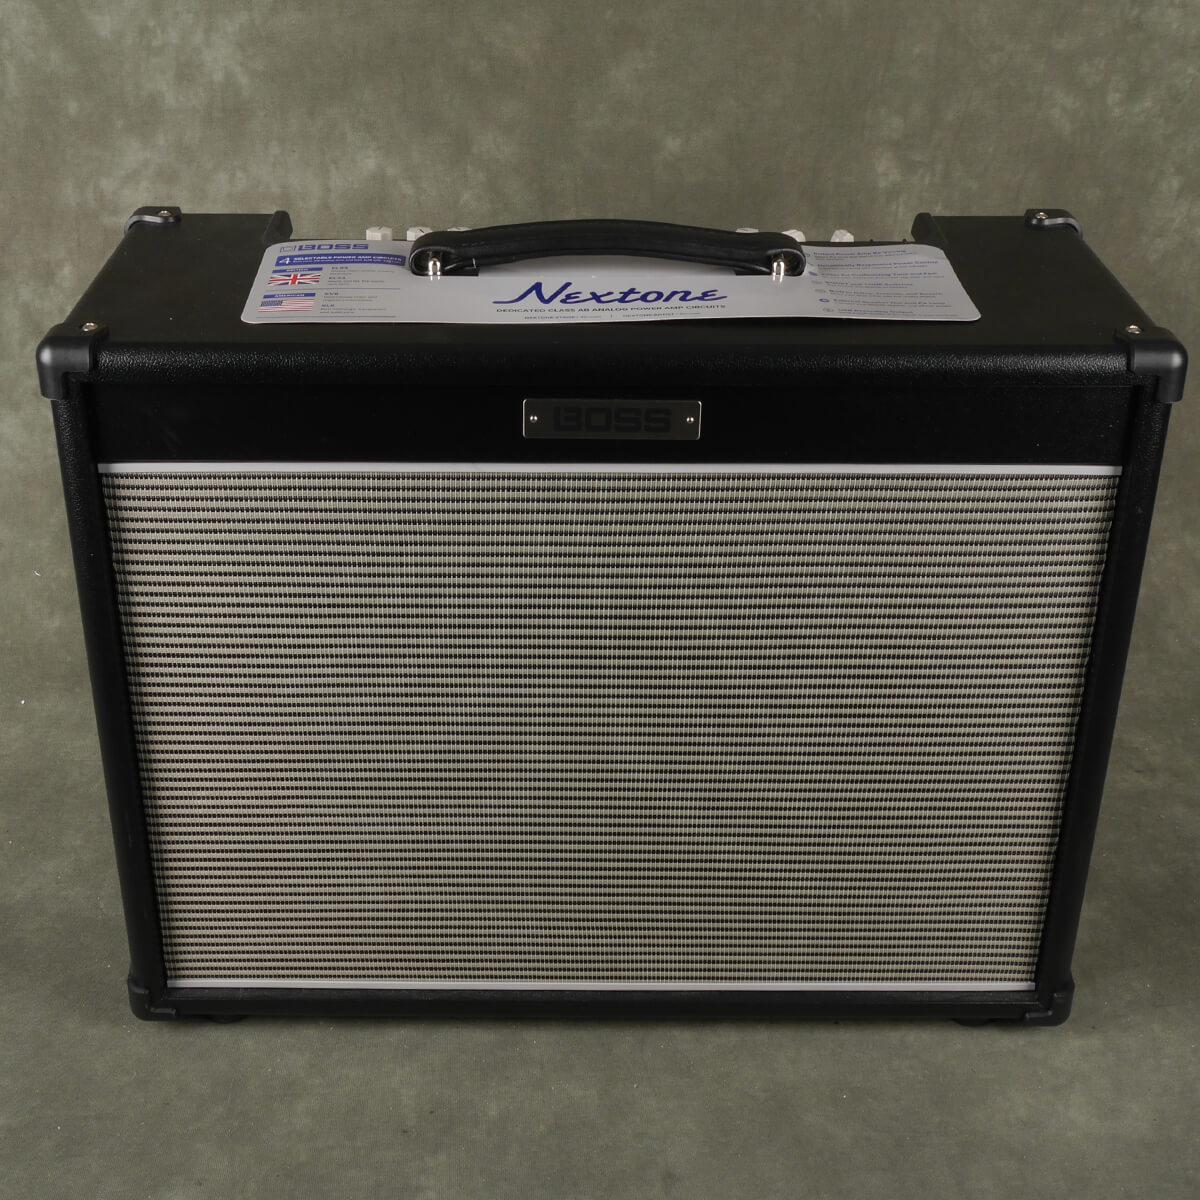 Boss Nextone Artist Combo Amplifier - 2nd Hand